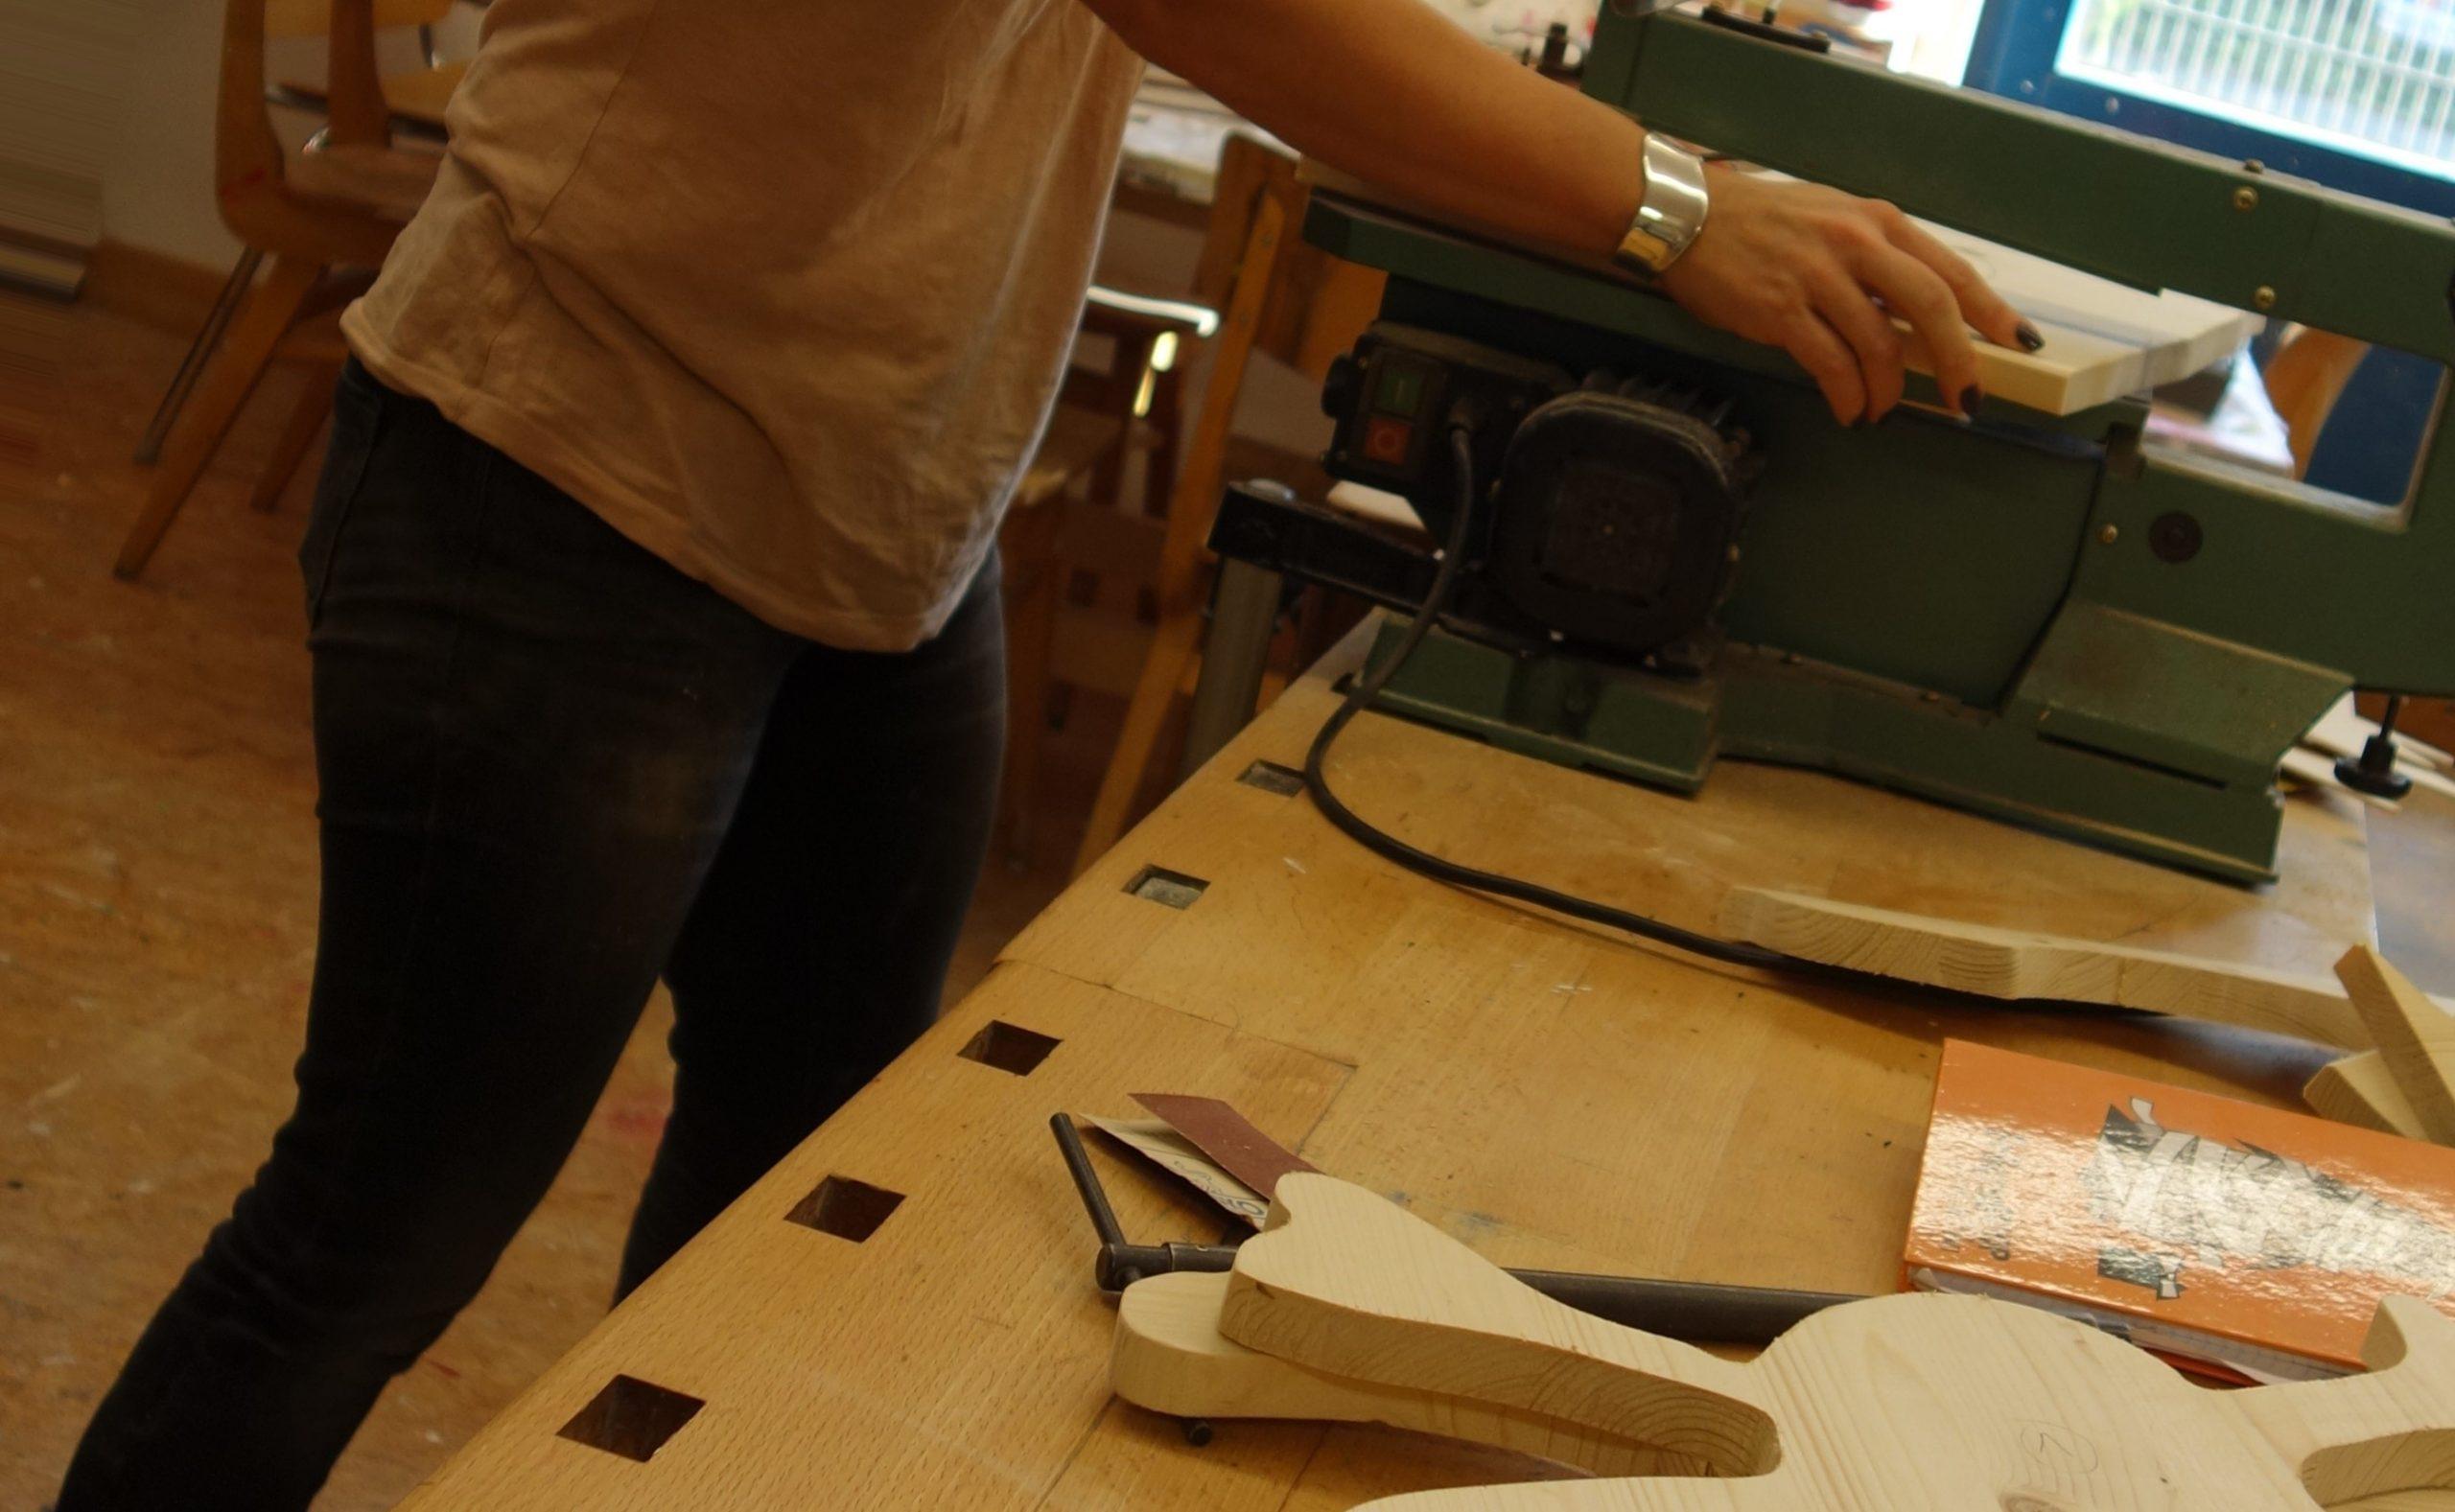 Holzarbeiten mit Stich- und Dekupiersäge  (HoS10)